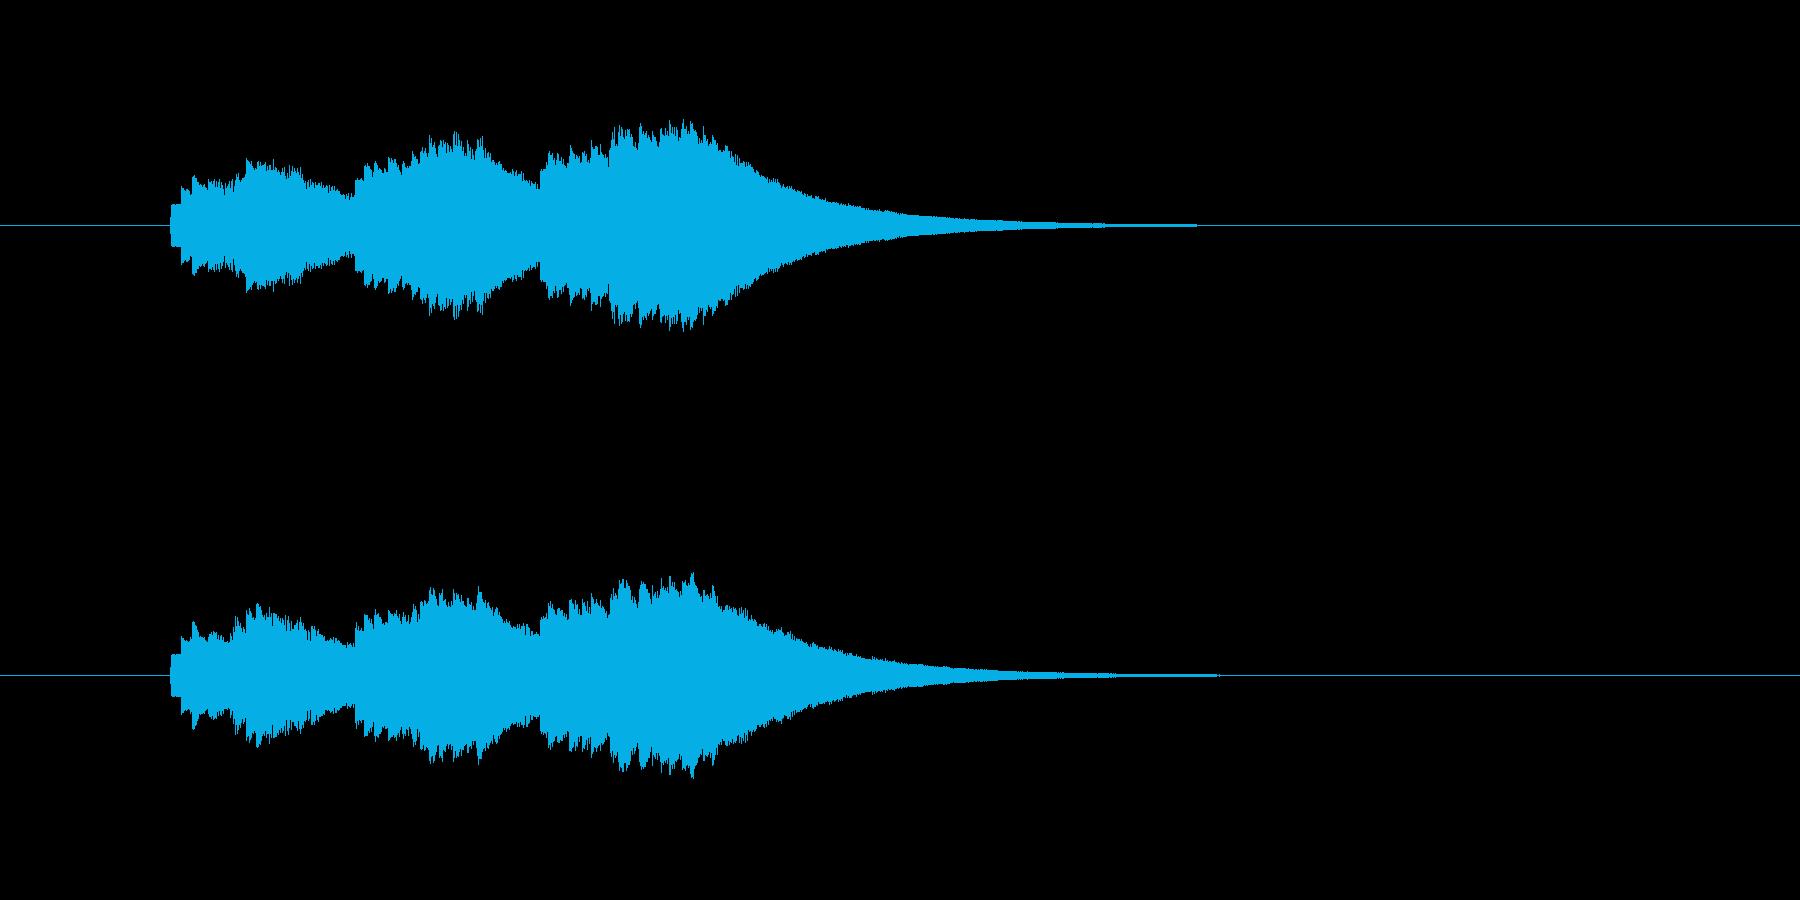 ファミコン音の再生済みの波形